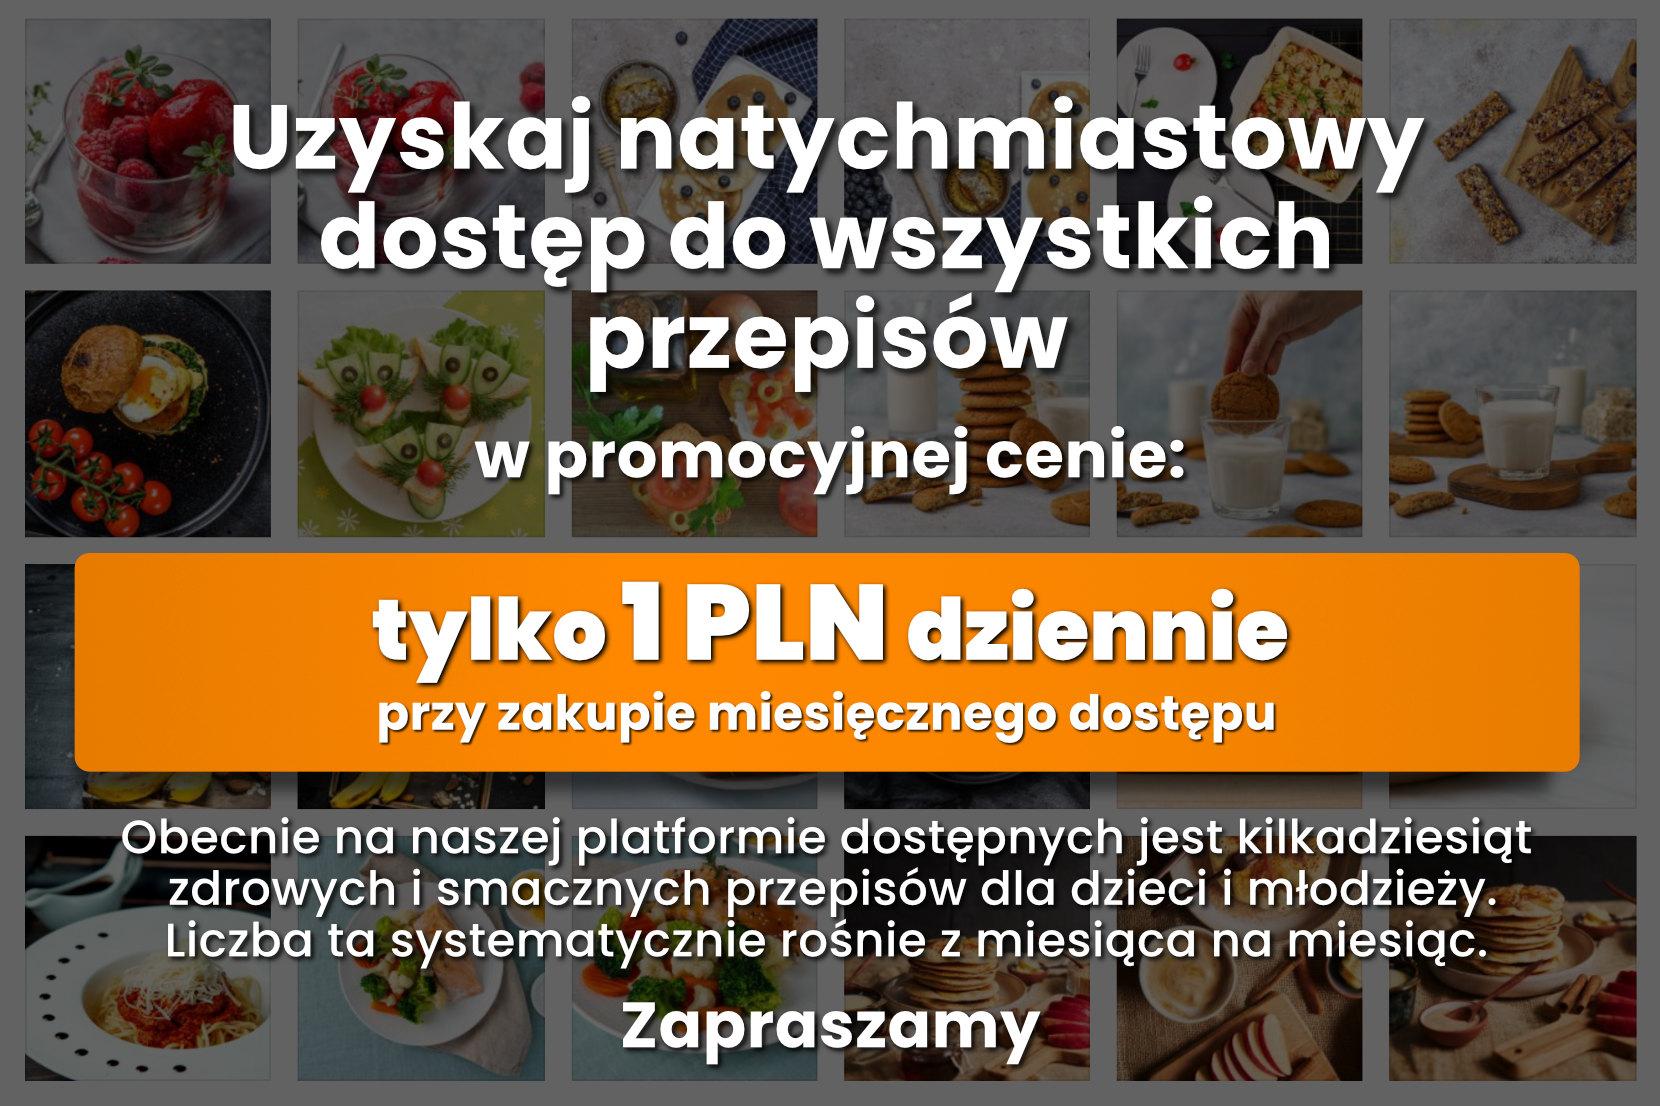 Uzyskaj pełny dostęp do SMACZNEPAPU.PL